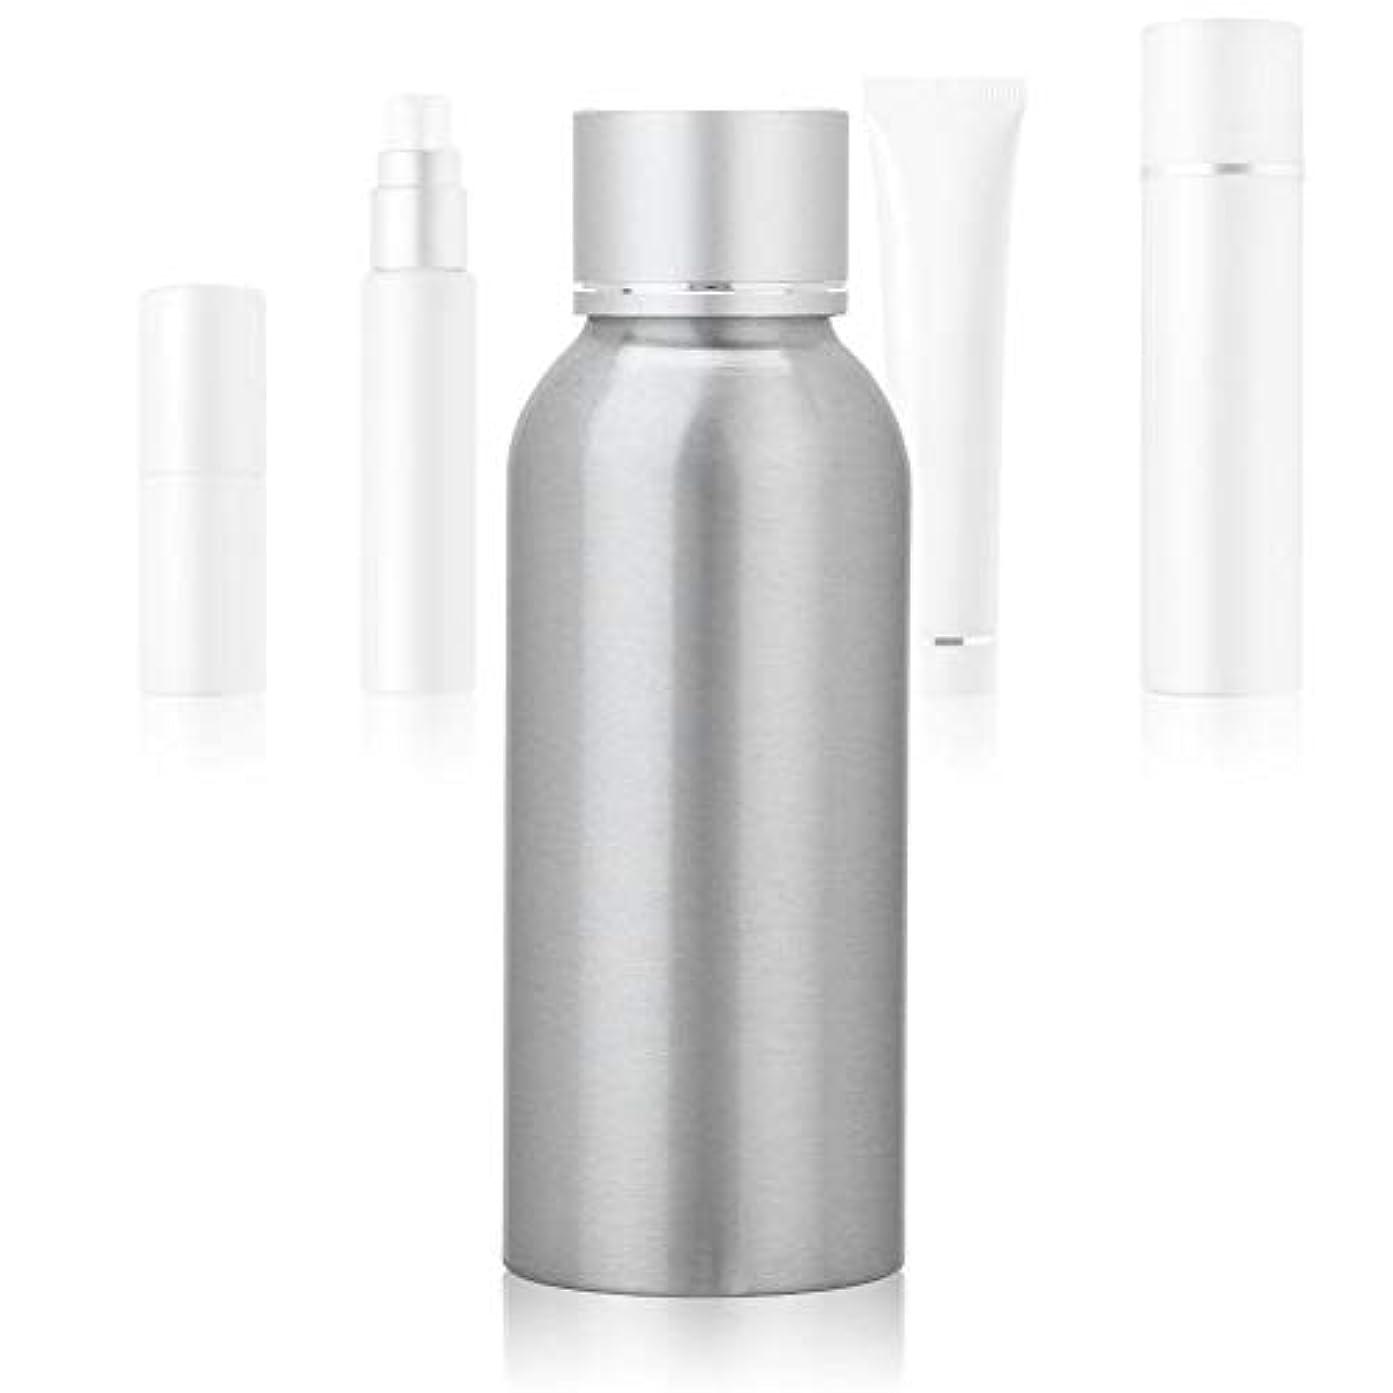 決めます戸棚見物人100 MLアジア銀陽極酸化アルミニウム 空の化粧品ボトル ポータブルDIY スキンケア 製品トナーコンテナーボトル